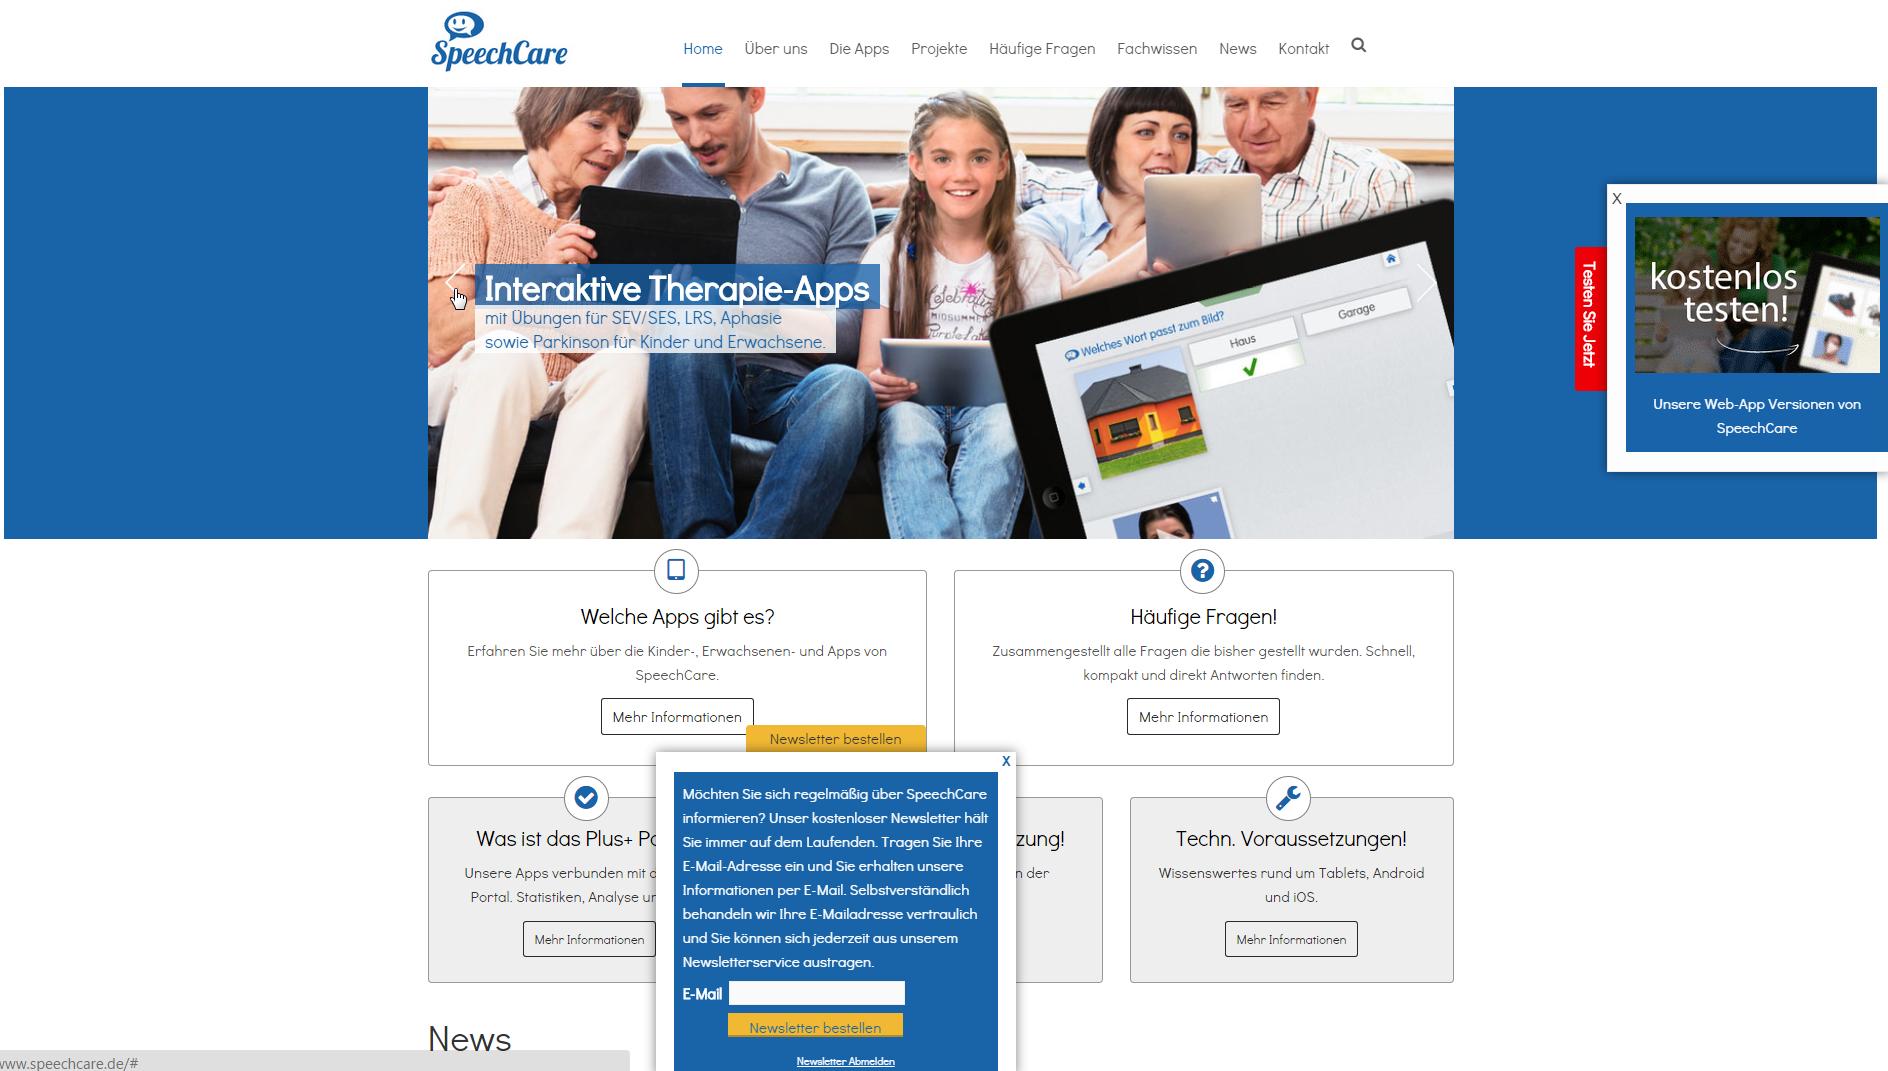 Relaunch der SpeechCare Website